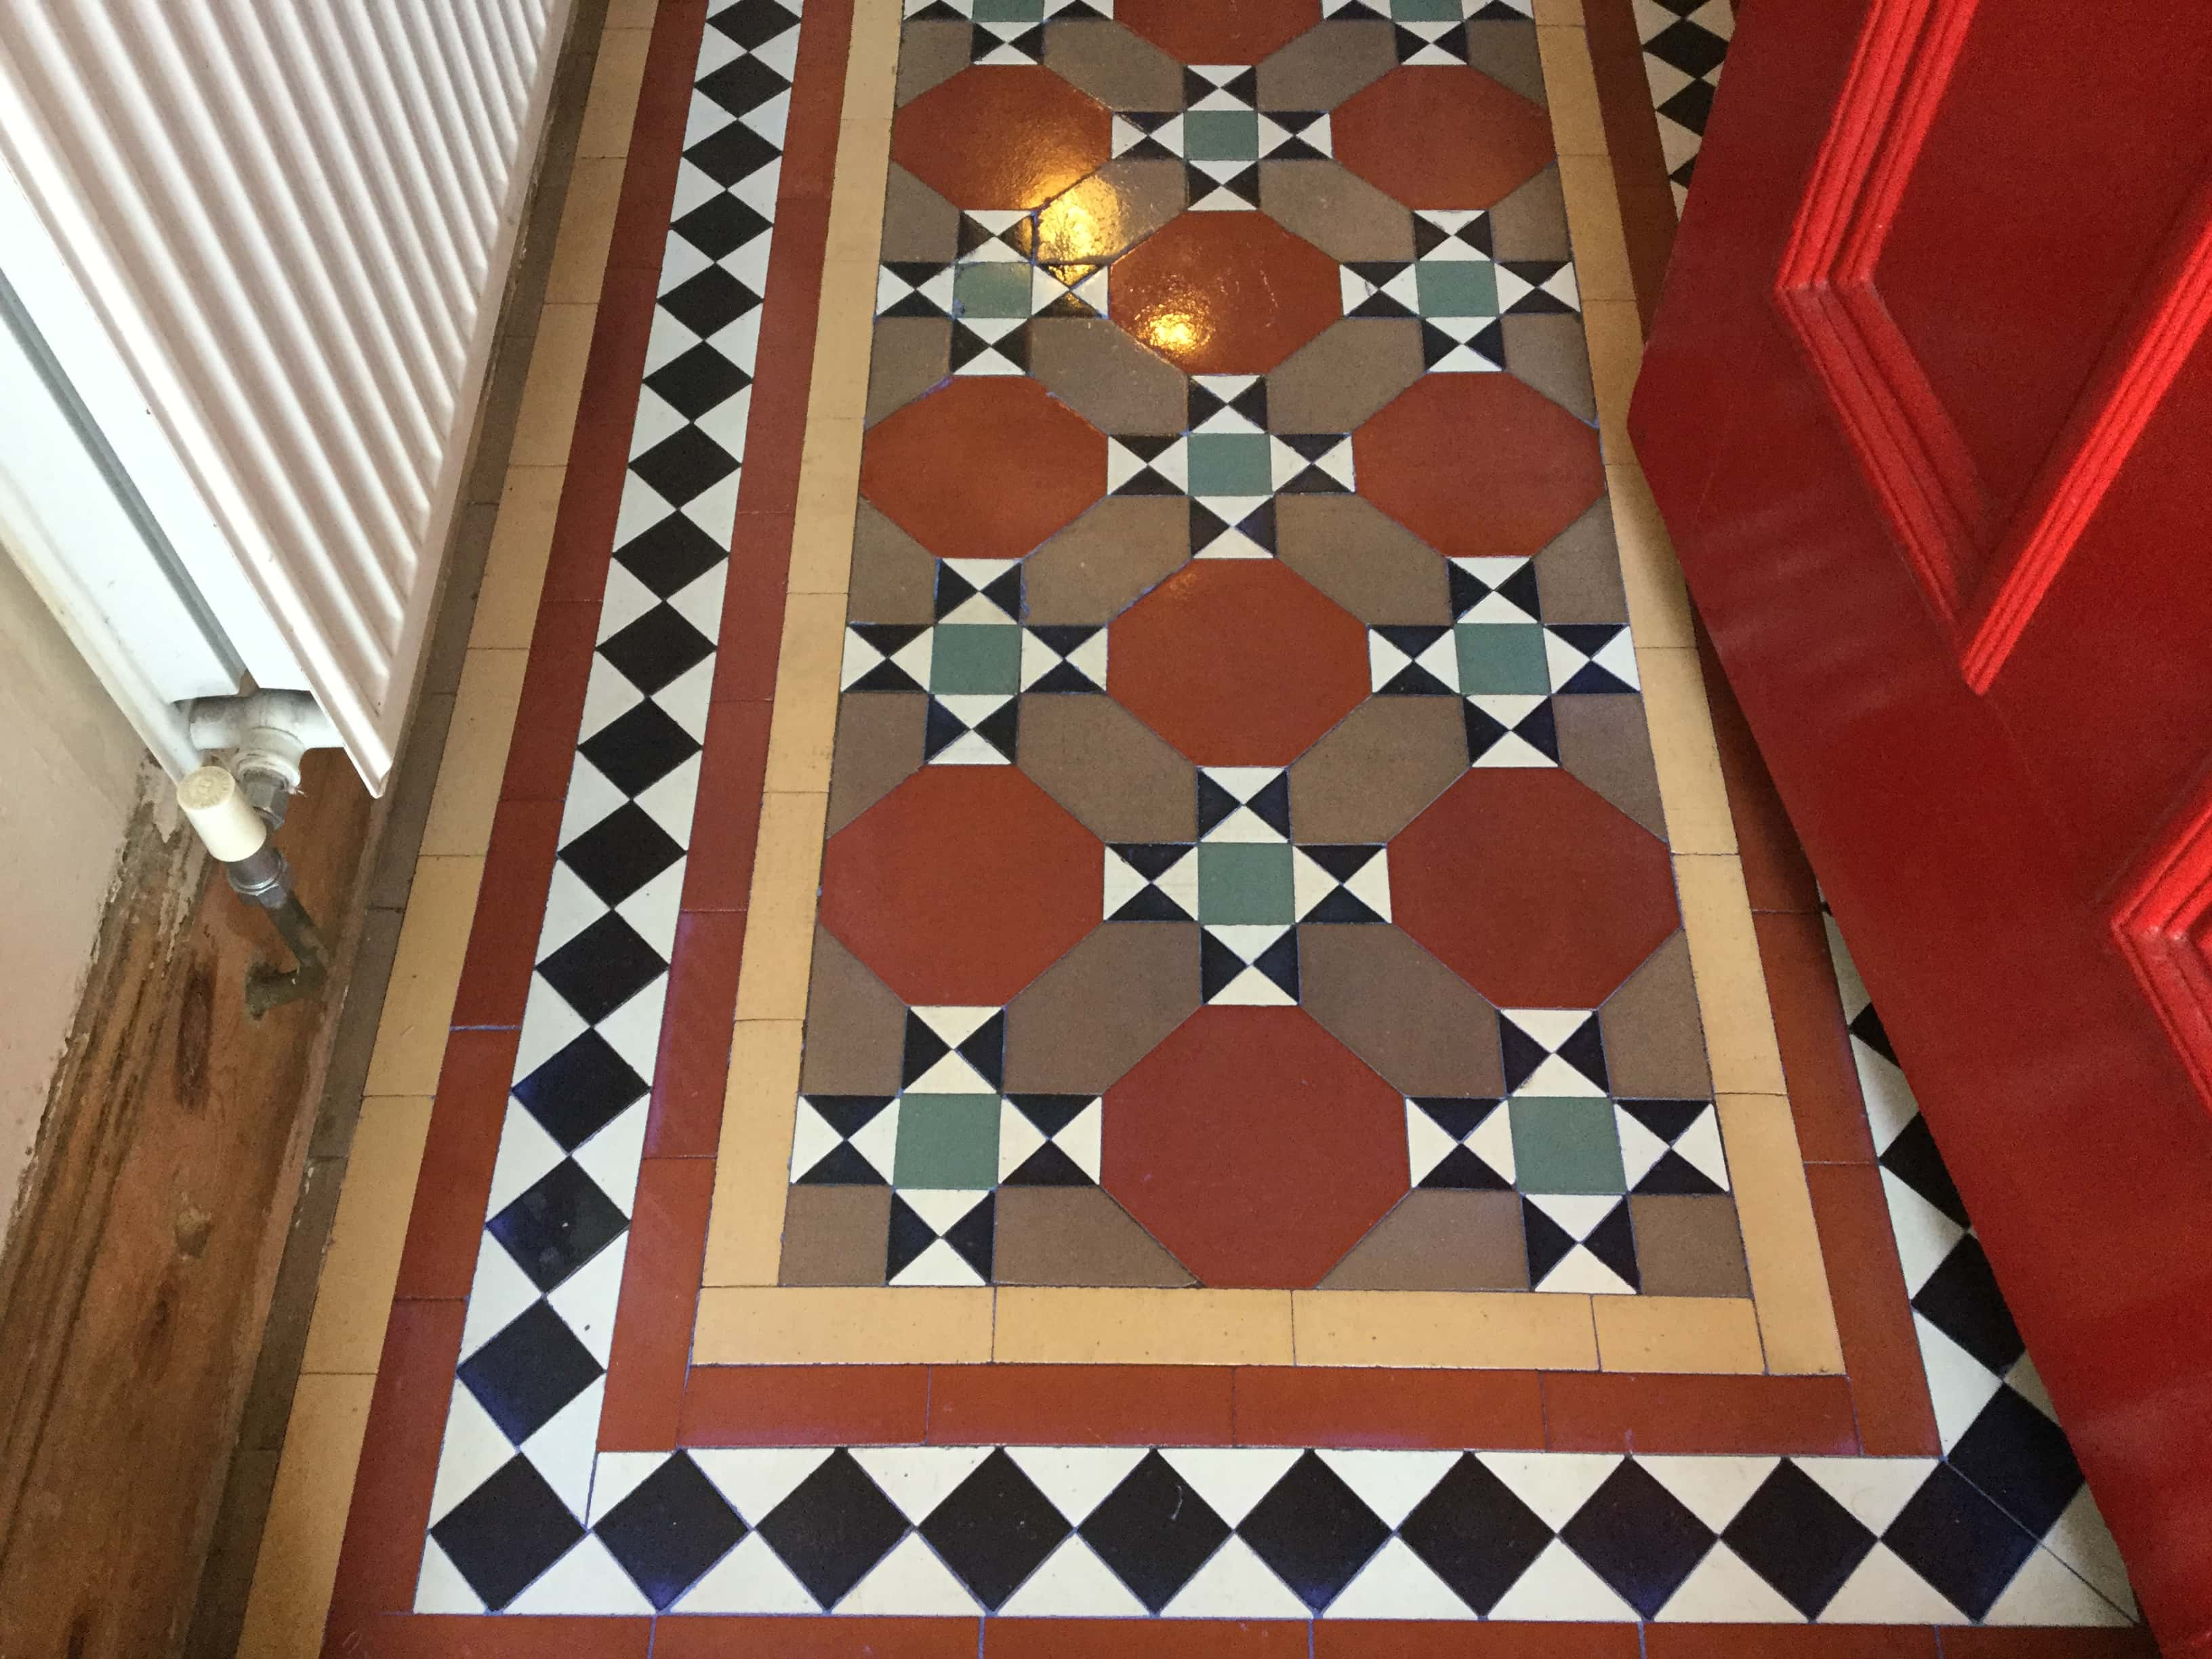 Victorian Tiled Hallway Floor Wellingborough After Restoration